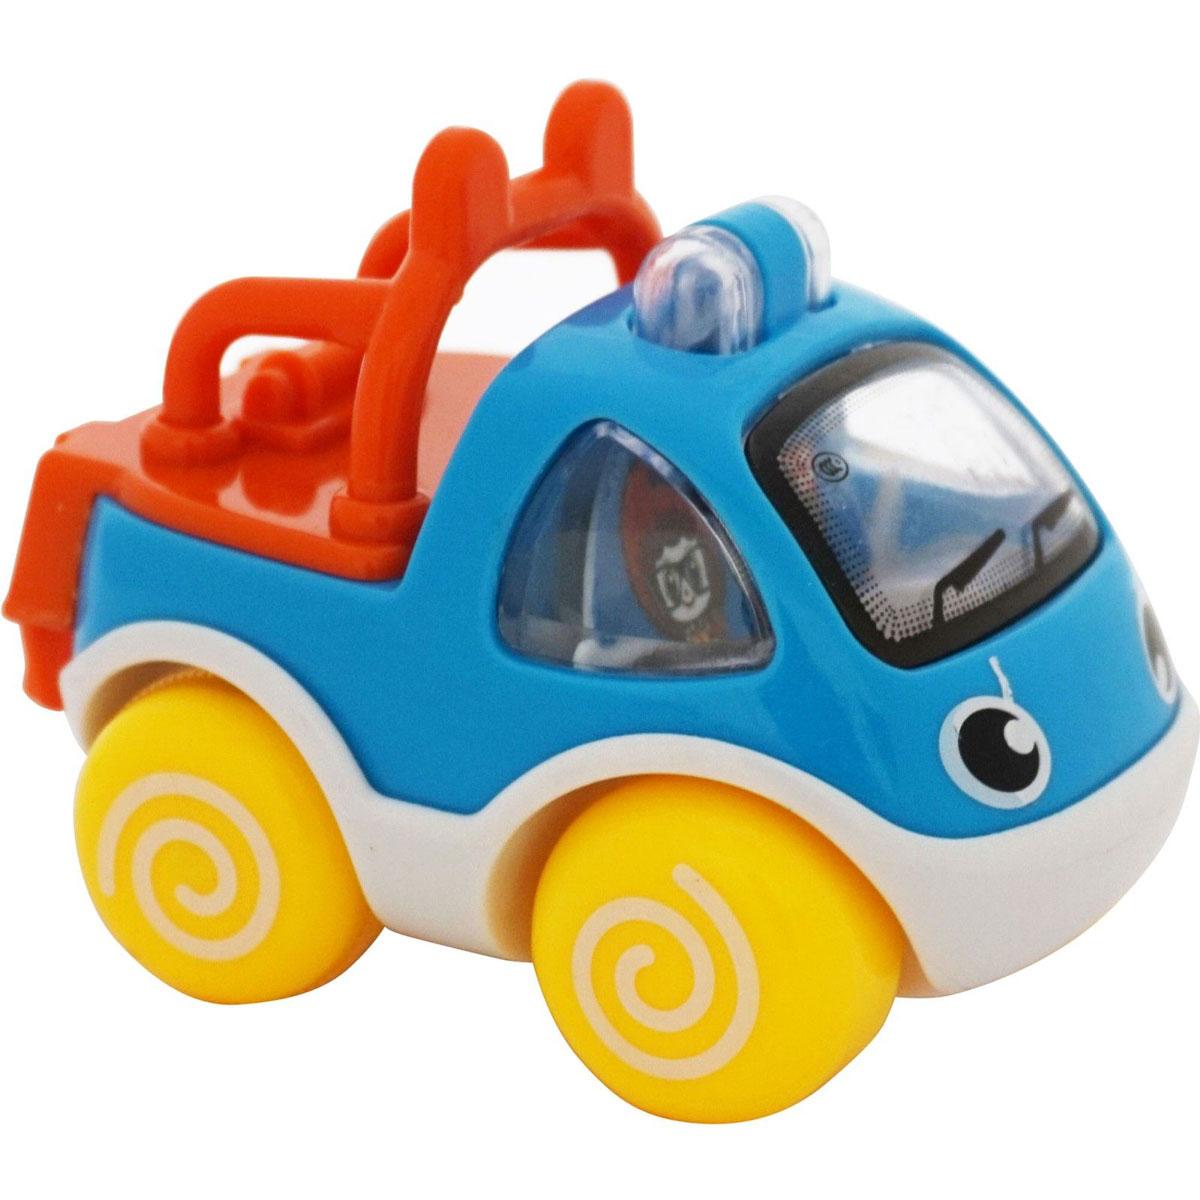 BebeLino Машинка инерционная Быстрые помощники цвет синий yako машинка инерционная полноприводная серии трасса 6501 7